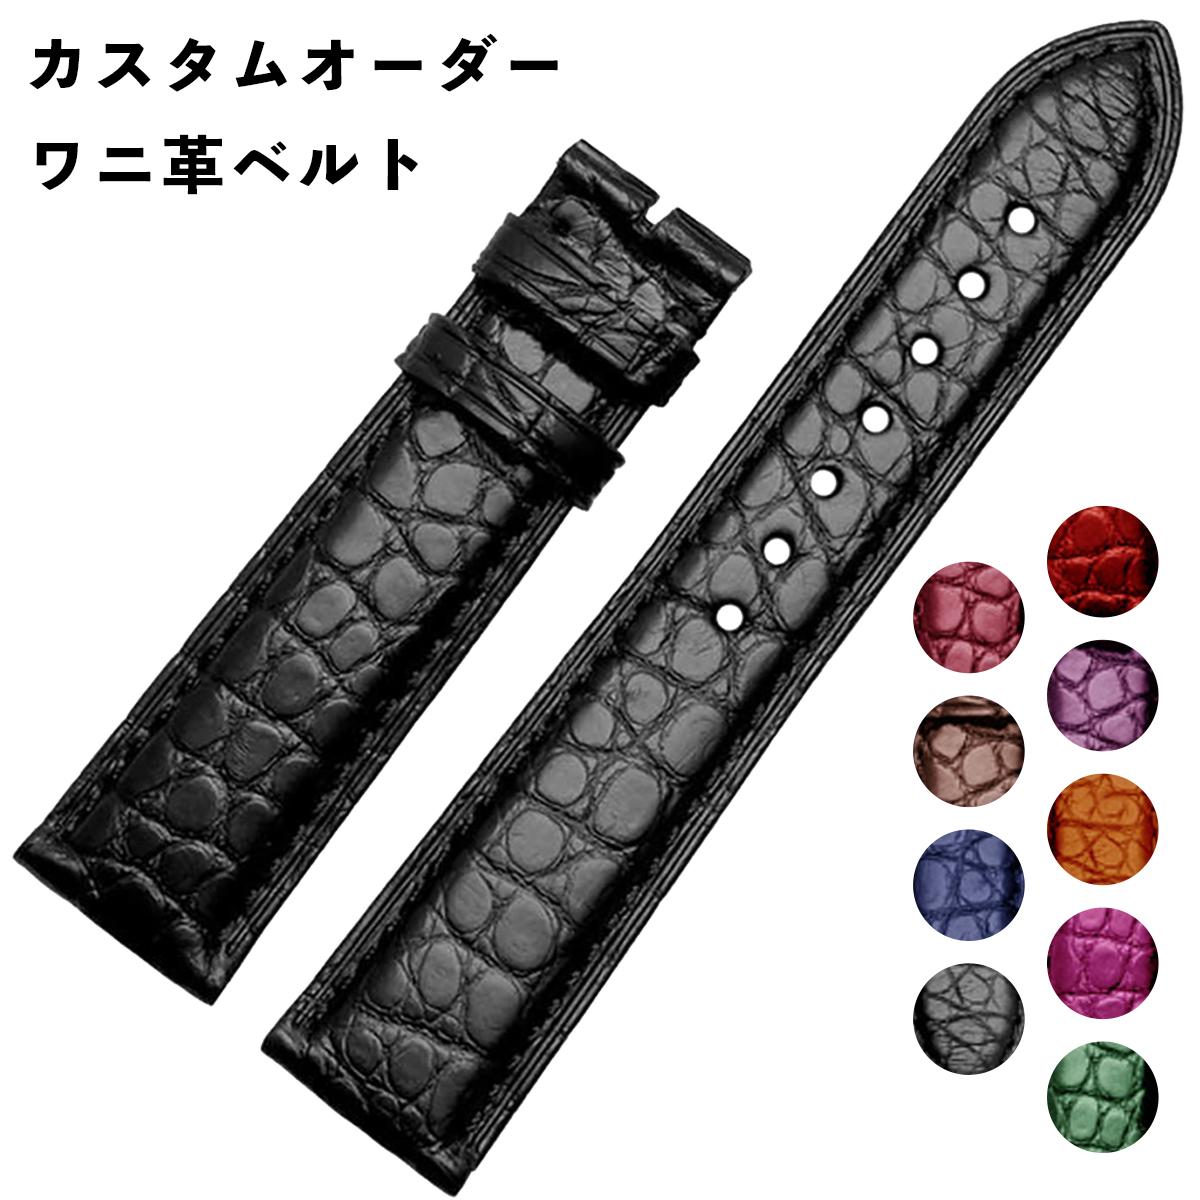 受注生産 カスタムオーダー 腕時計ベルト 時計用バンド クロコダイルレザー 丸班 ワニ革 ストラップ